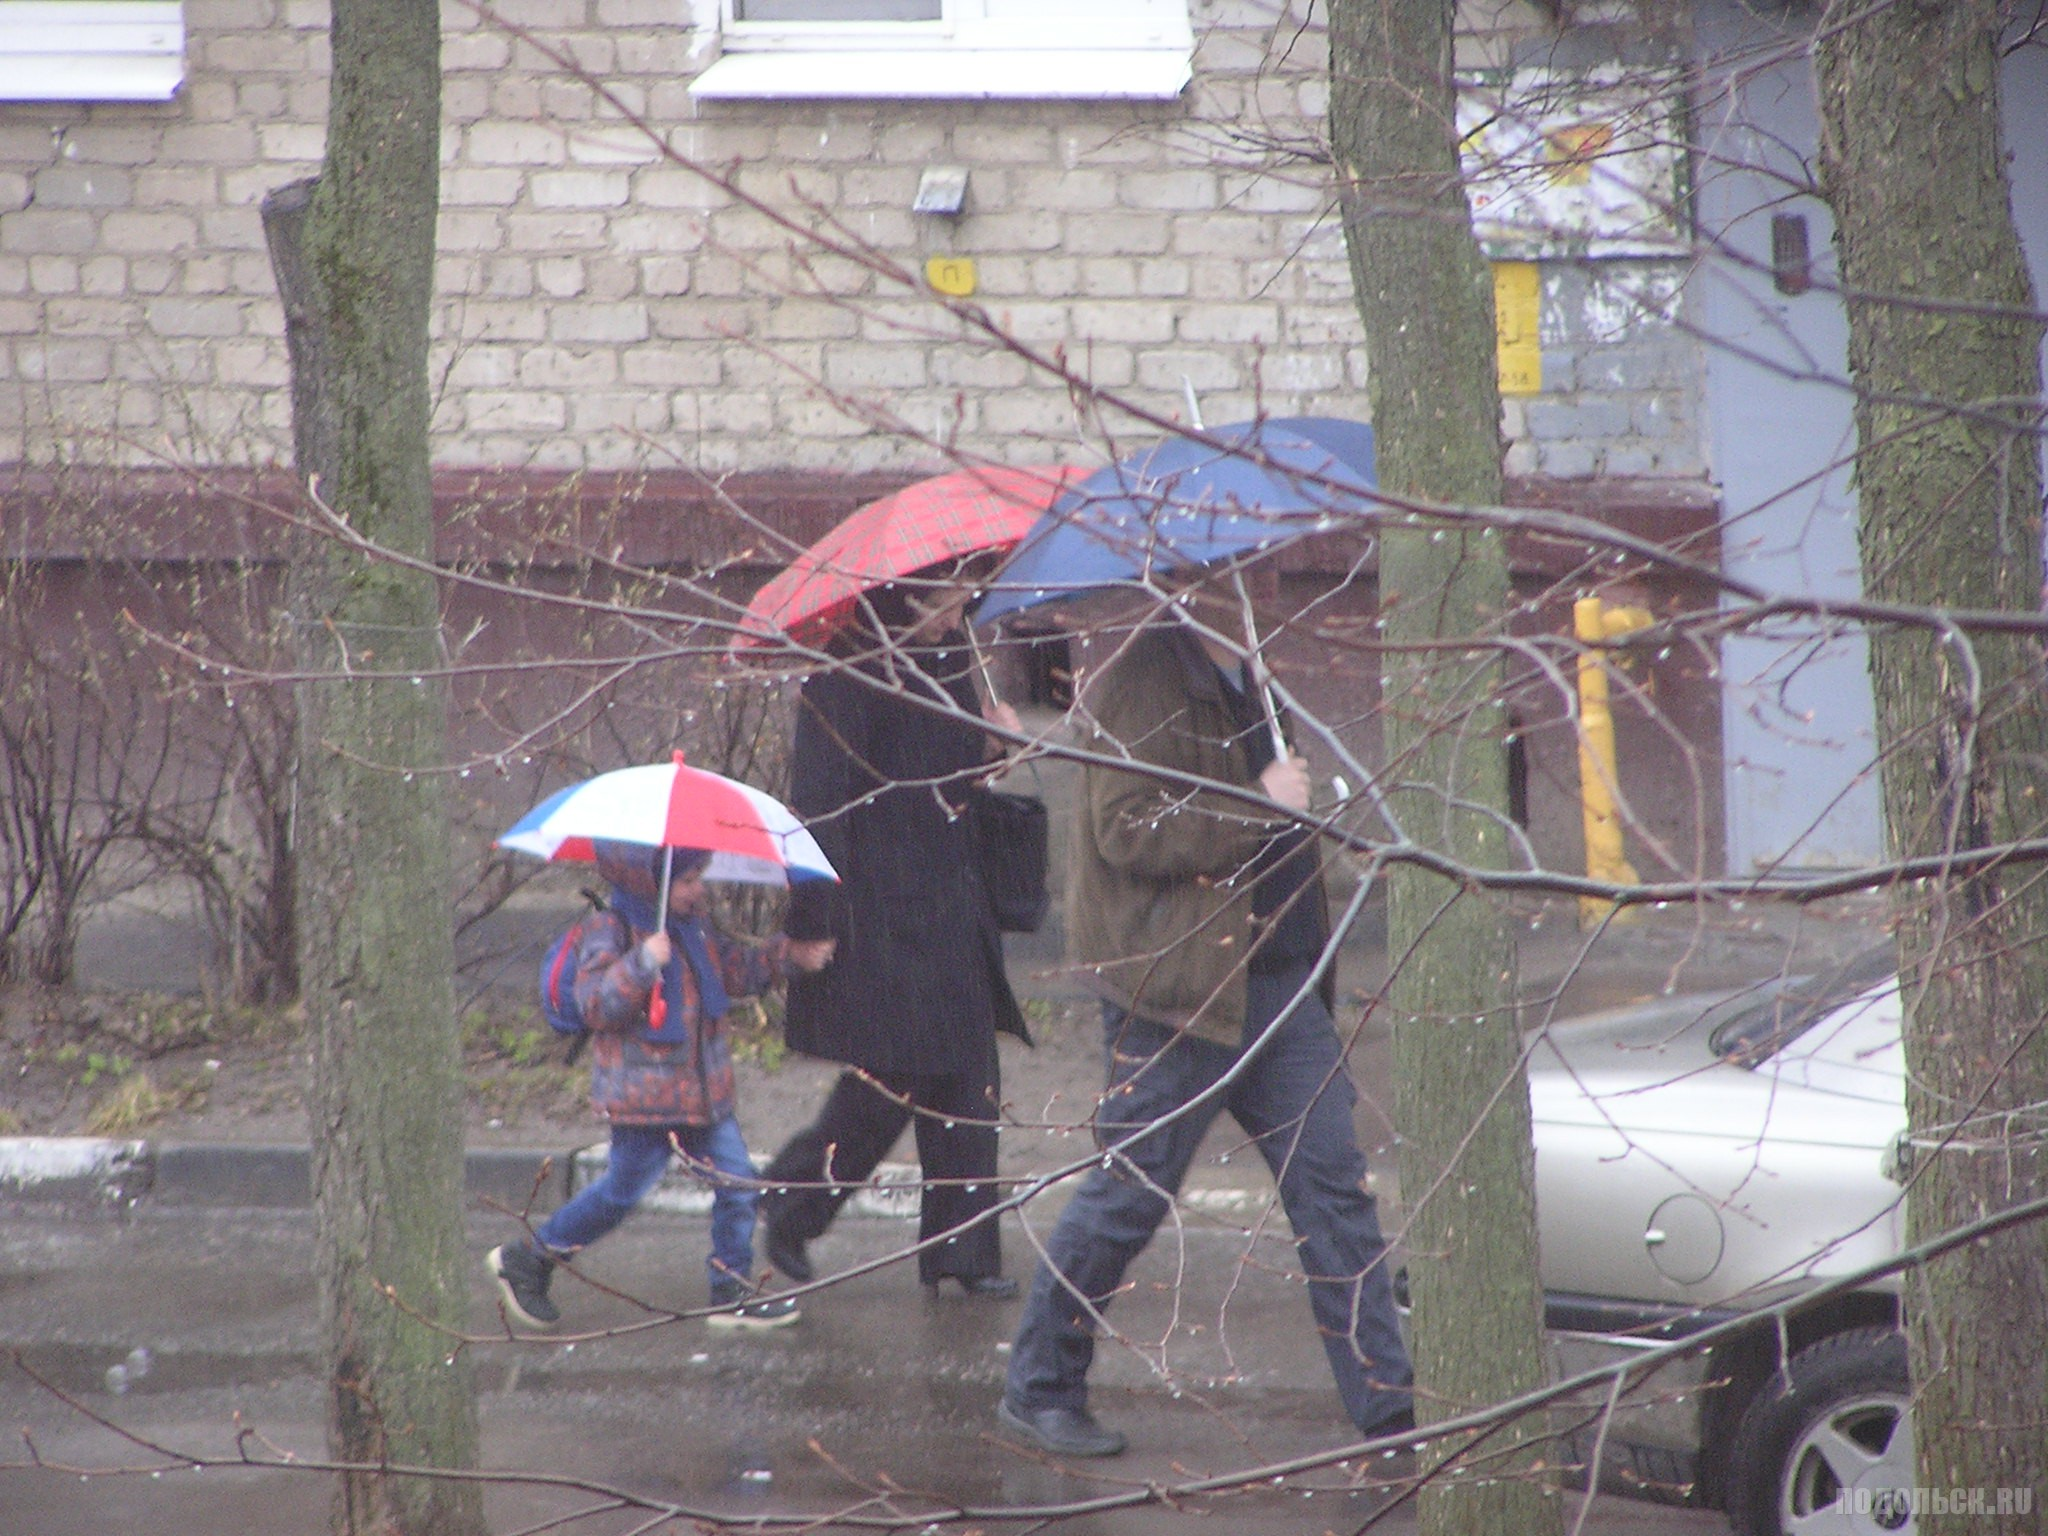 Семья под дождем. 16 апреля 2017.